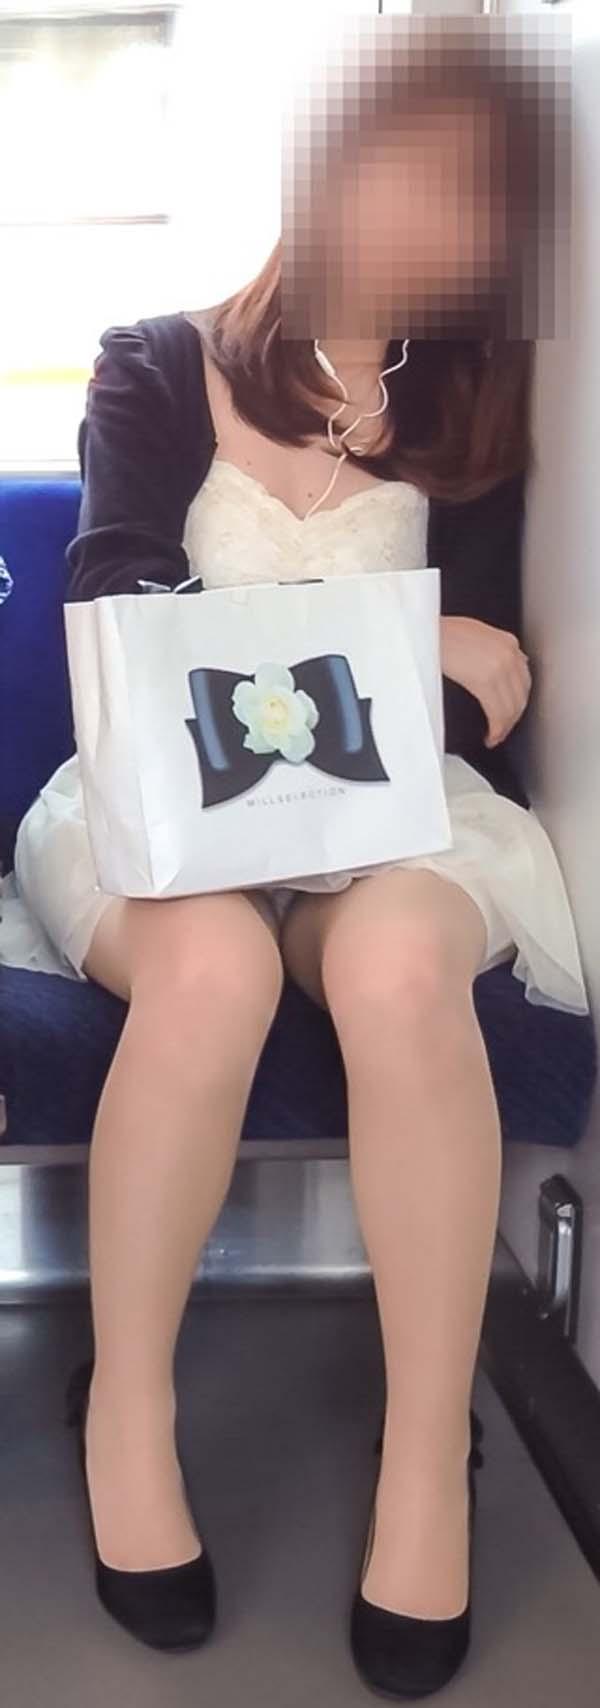 【パンチラエロ画像】熱い視線が対面から突き刺さる!電車内の隙ありパンチラwww 06